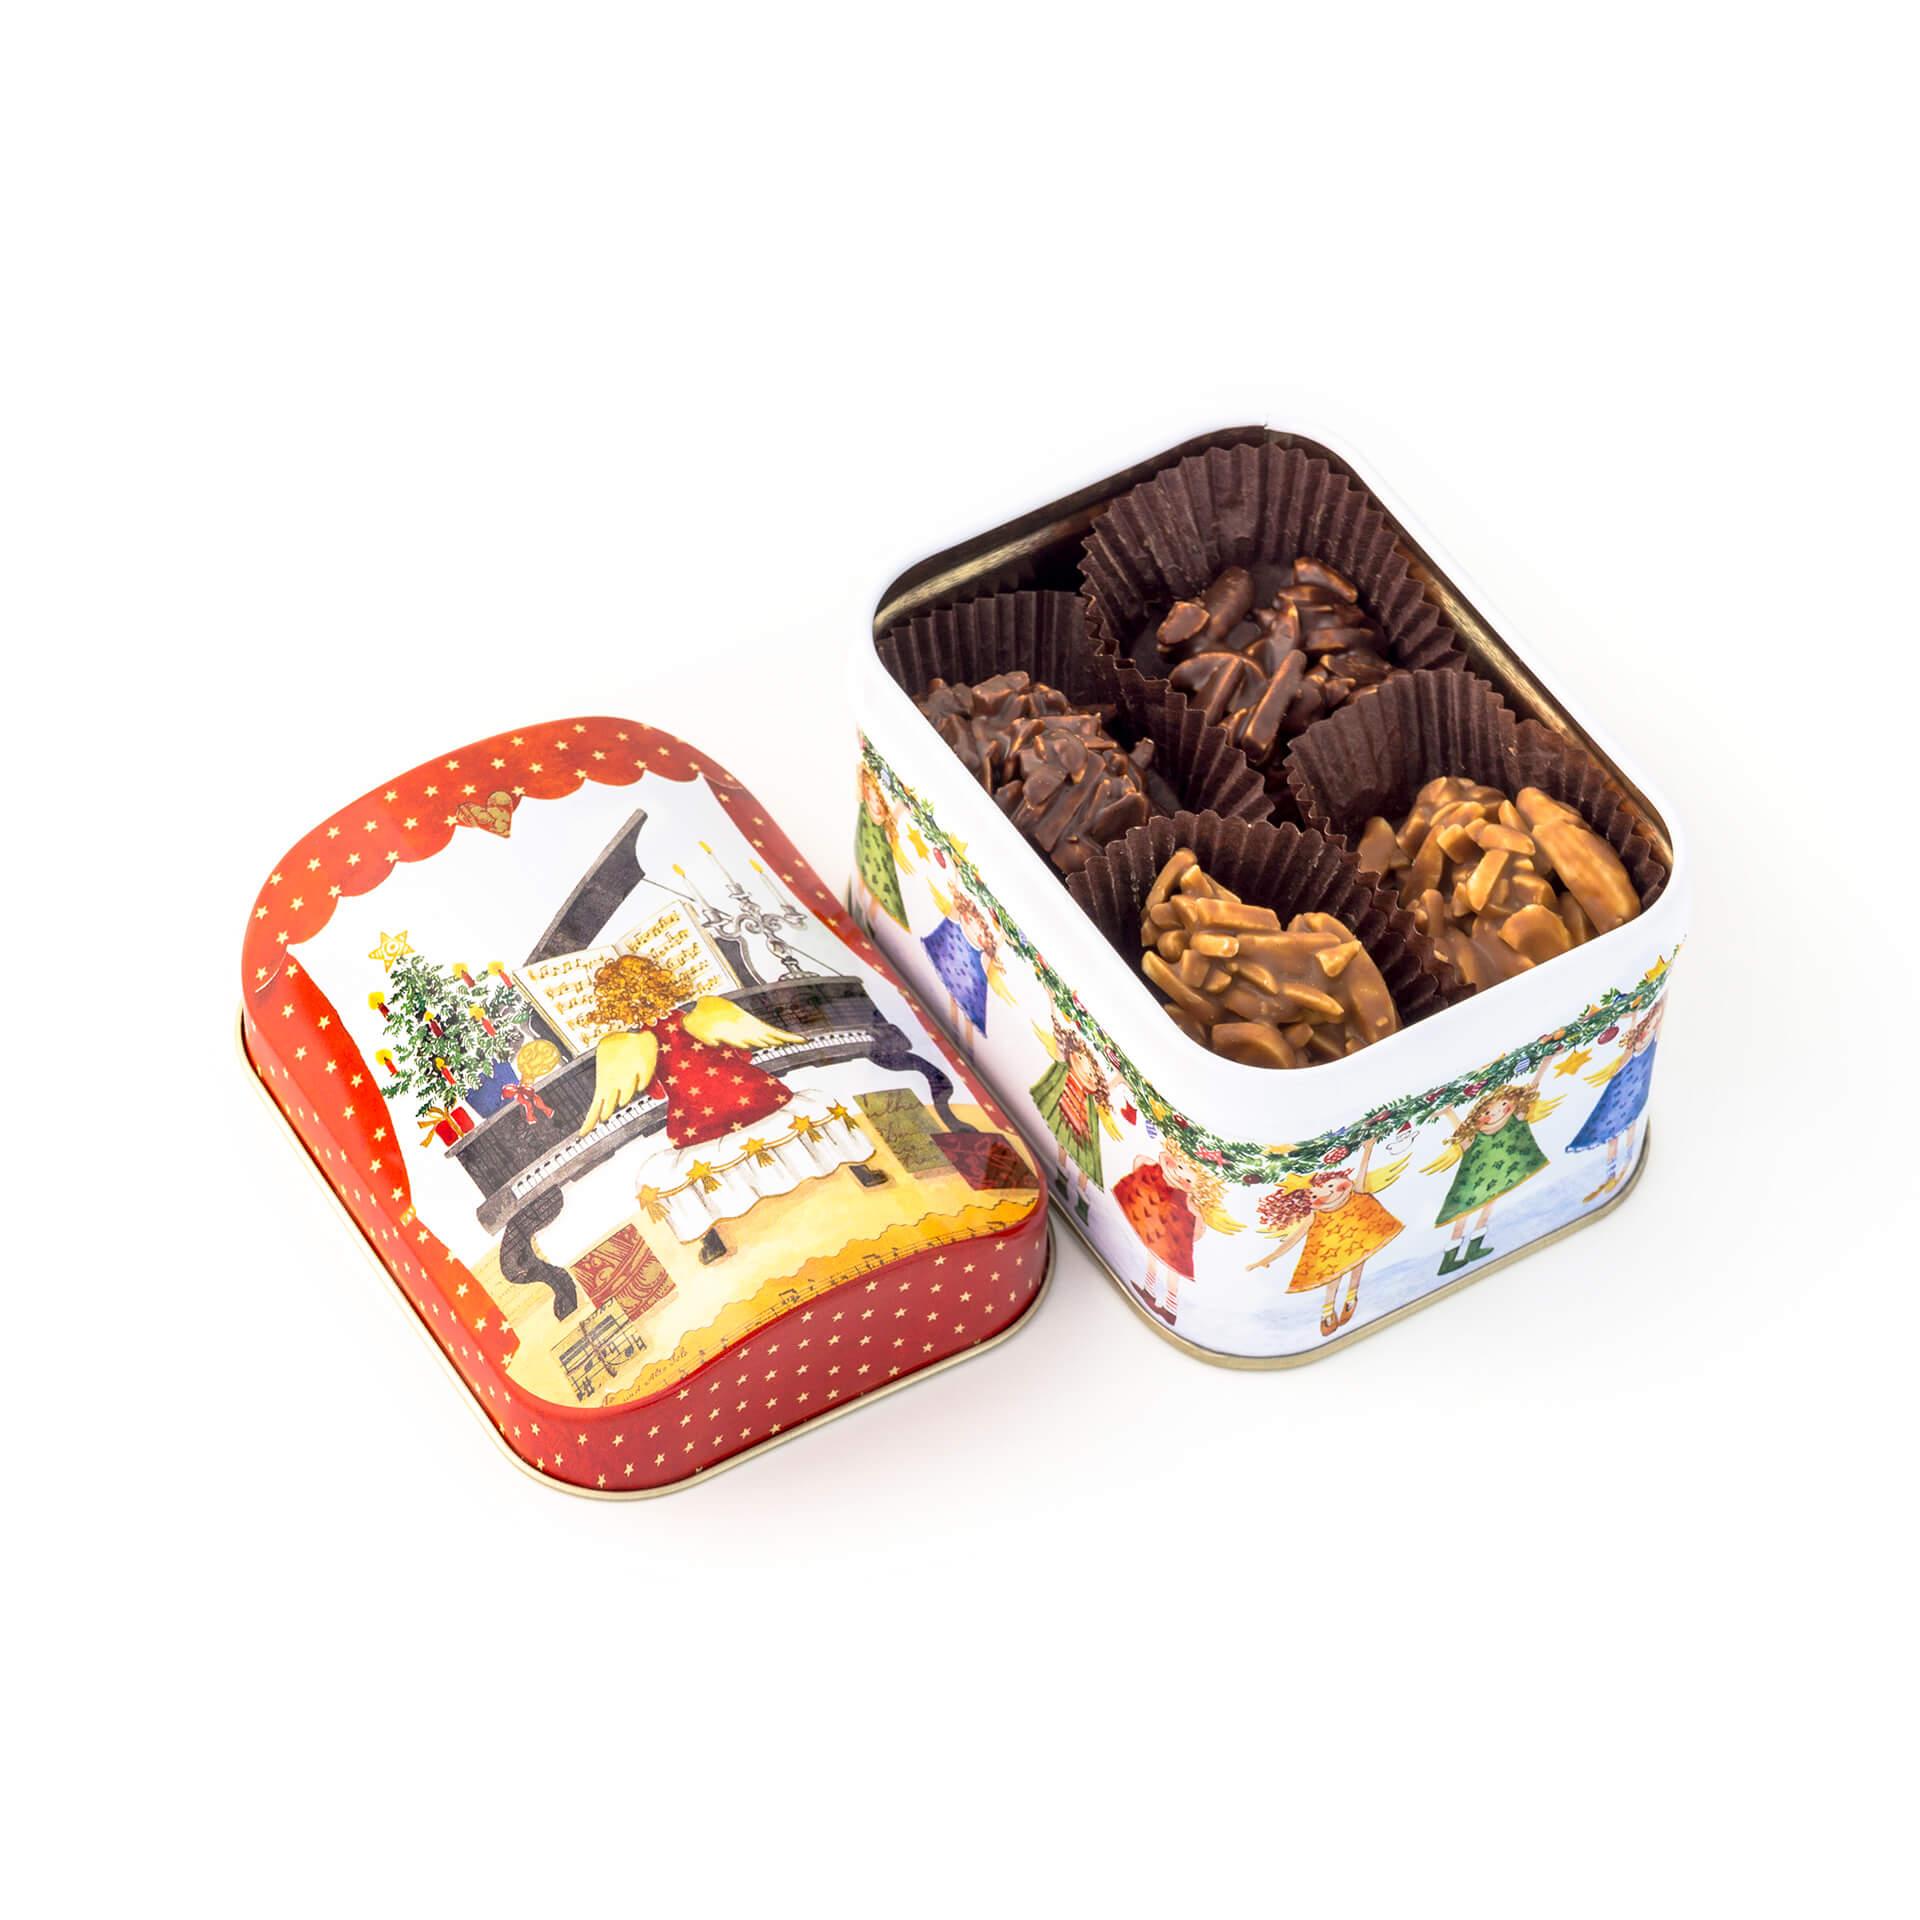 Puszka świąteczna z czekoladkami